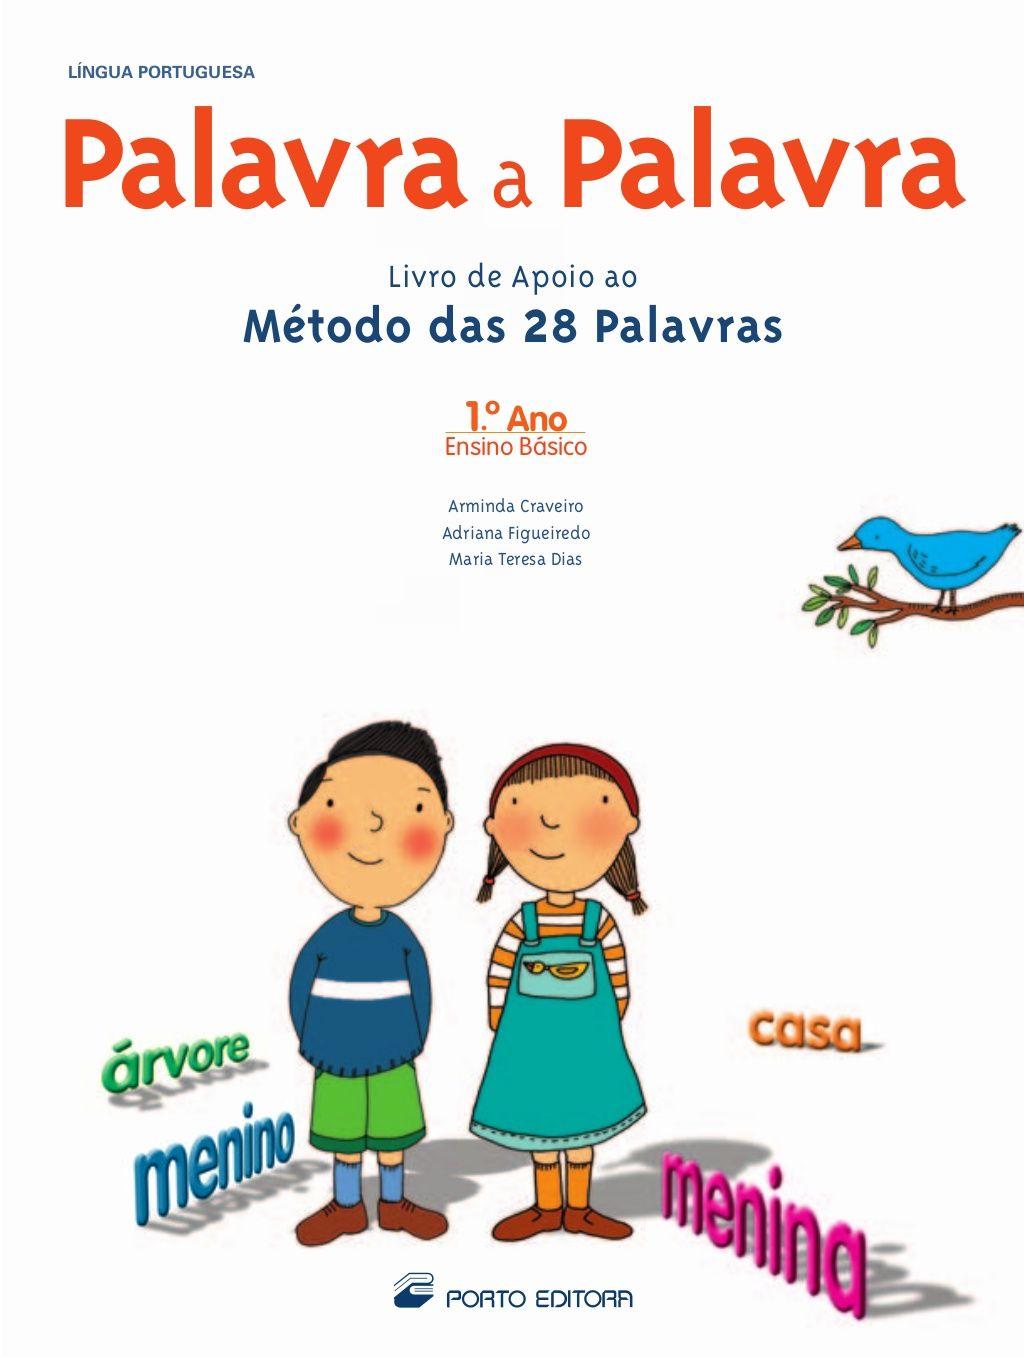 Manual De 28 Palavras By Sarafaleiro Via Slideshare